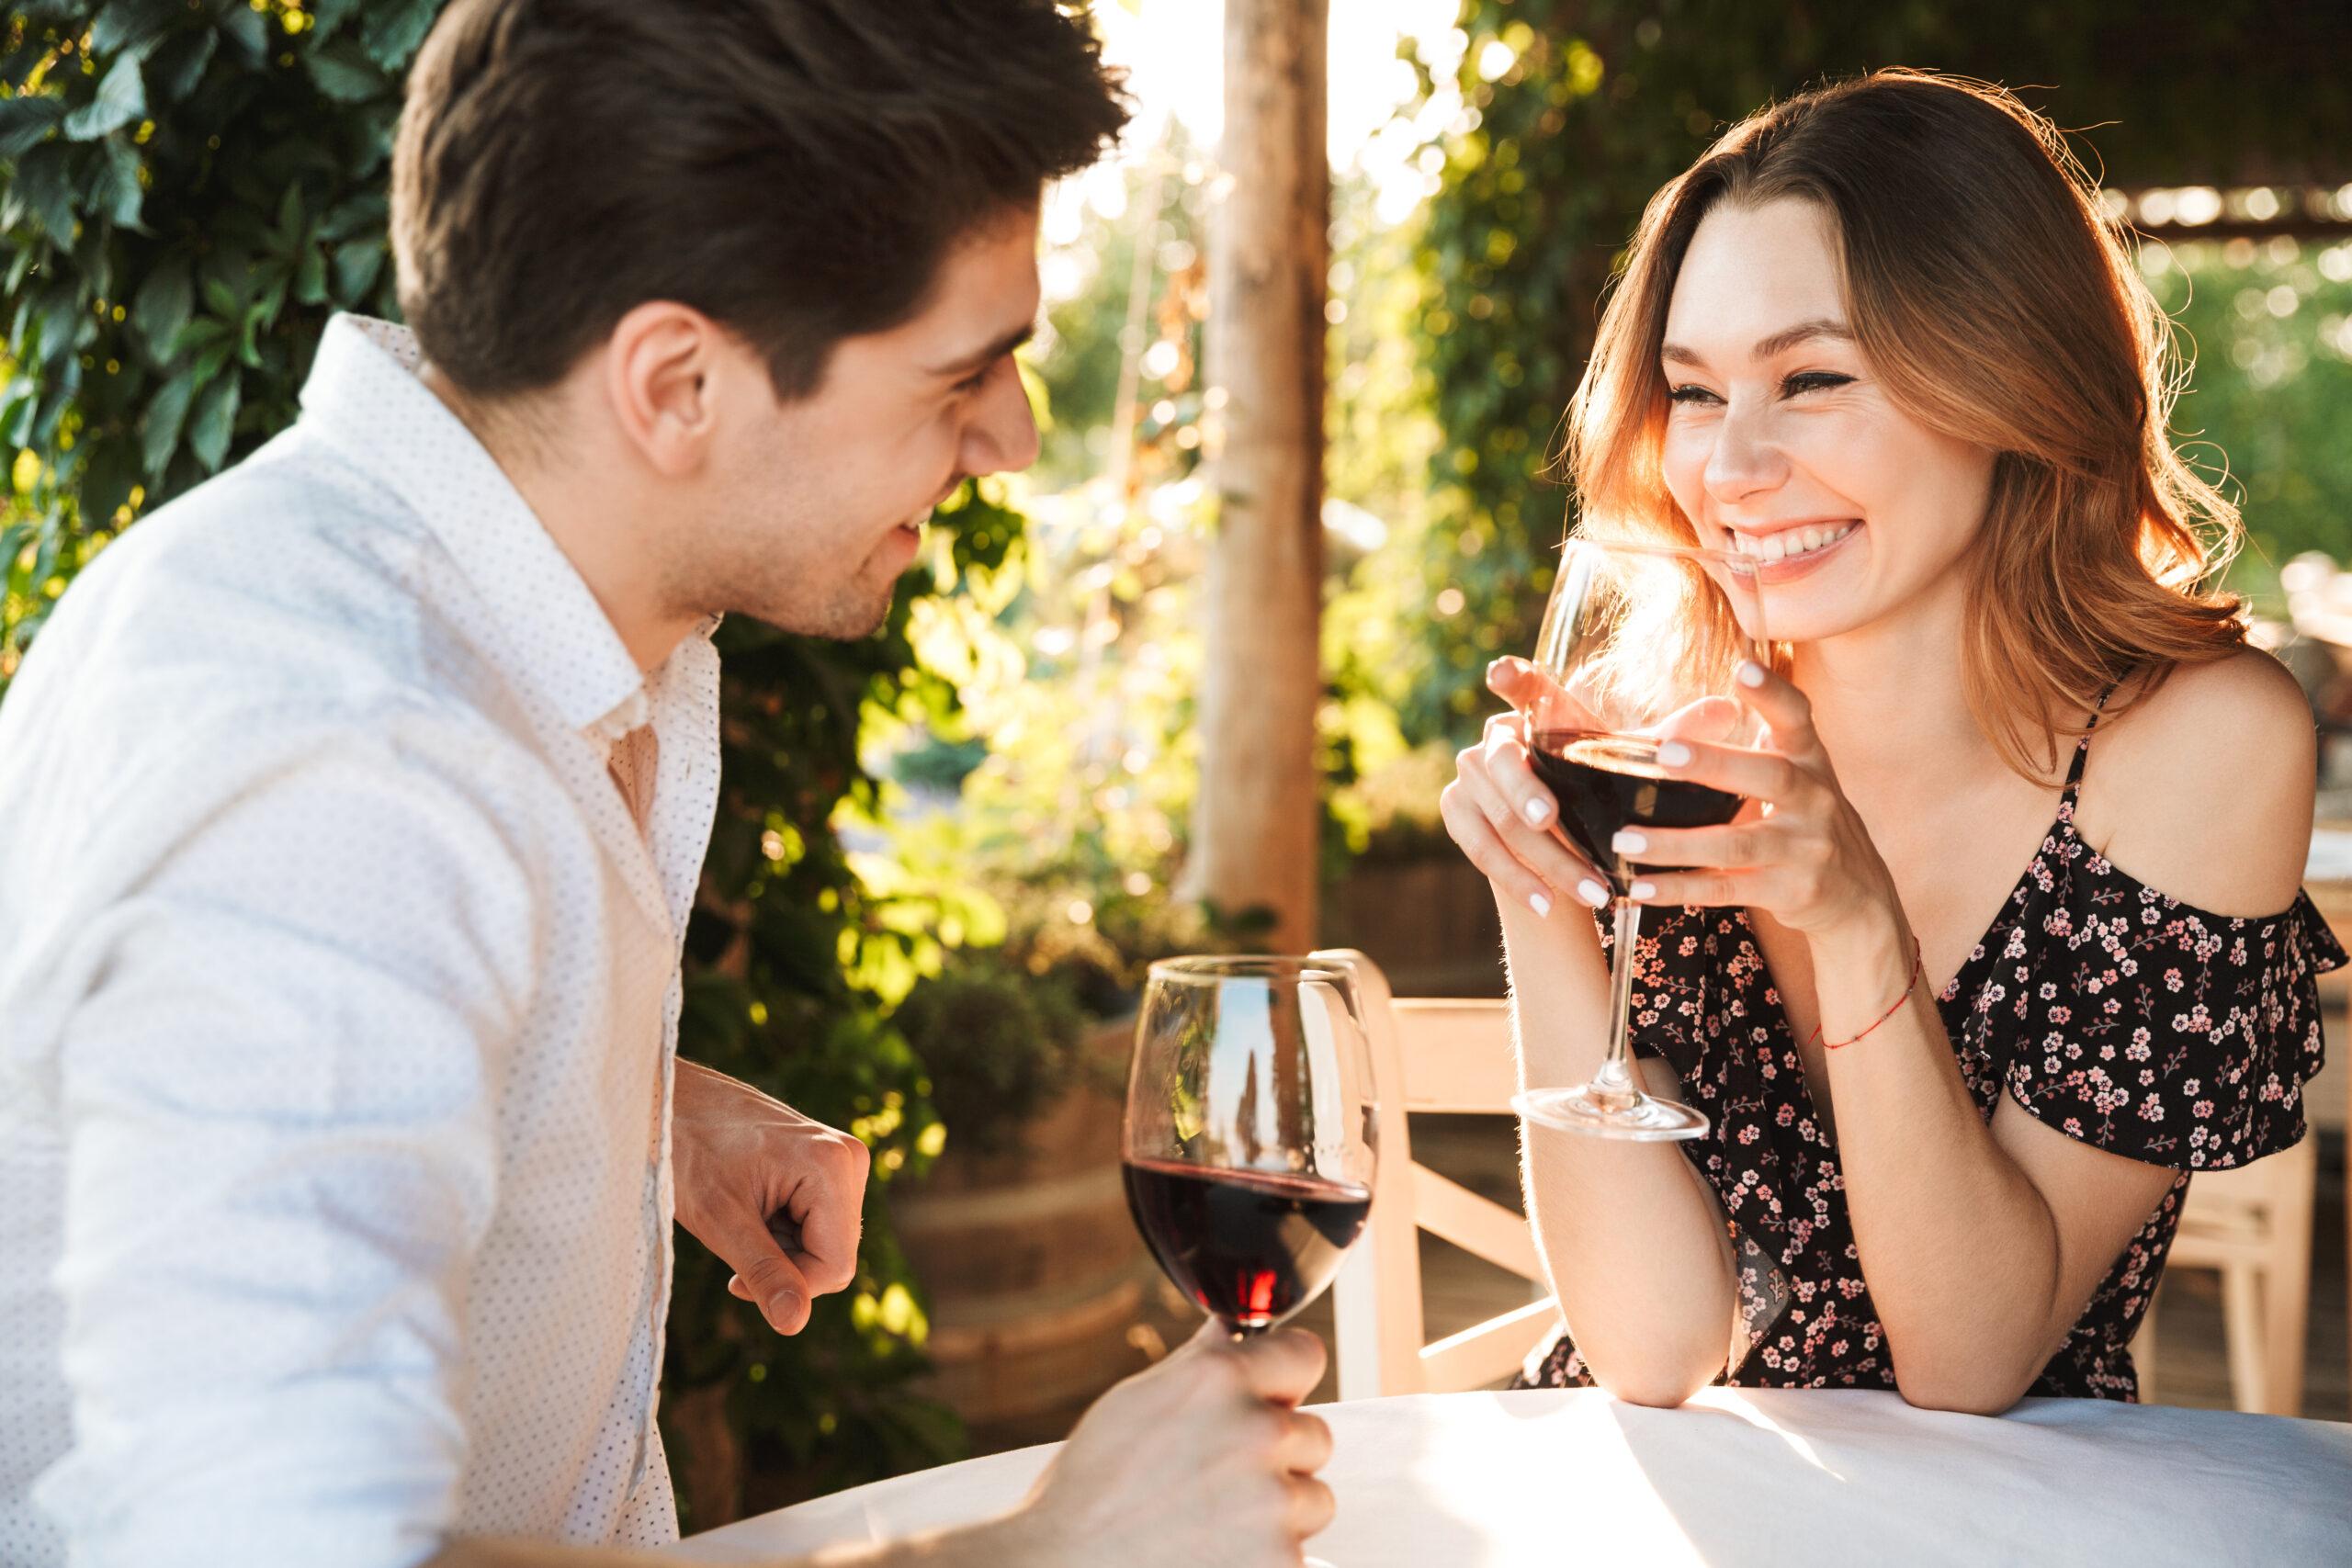 Najlepsze miejsca na randkę w upalne dni